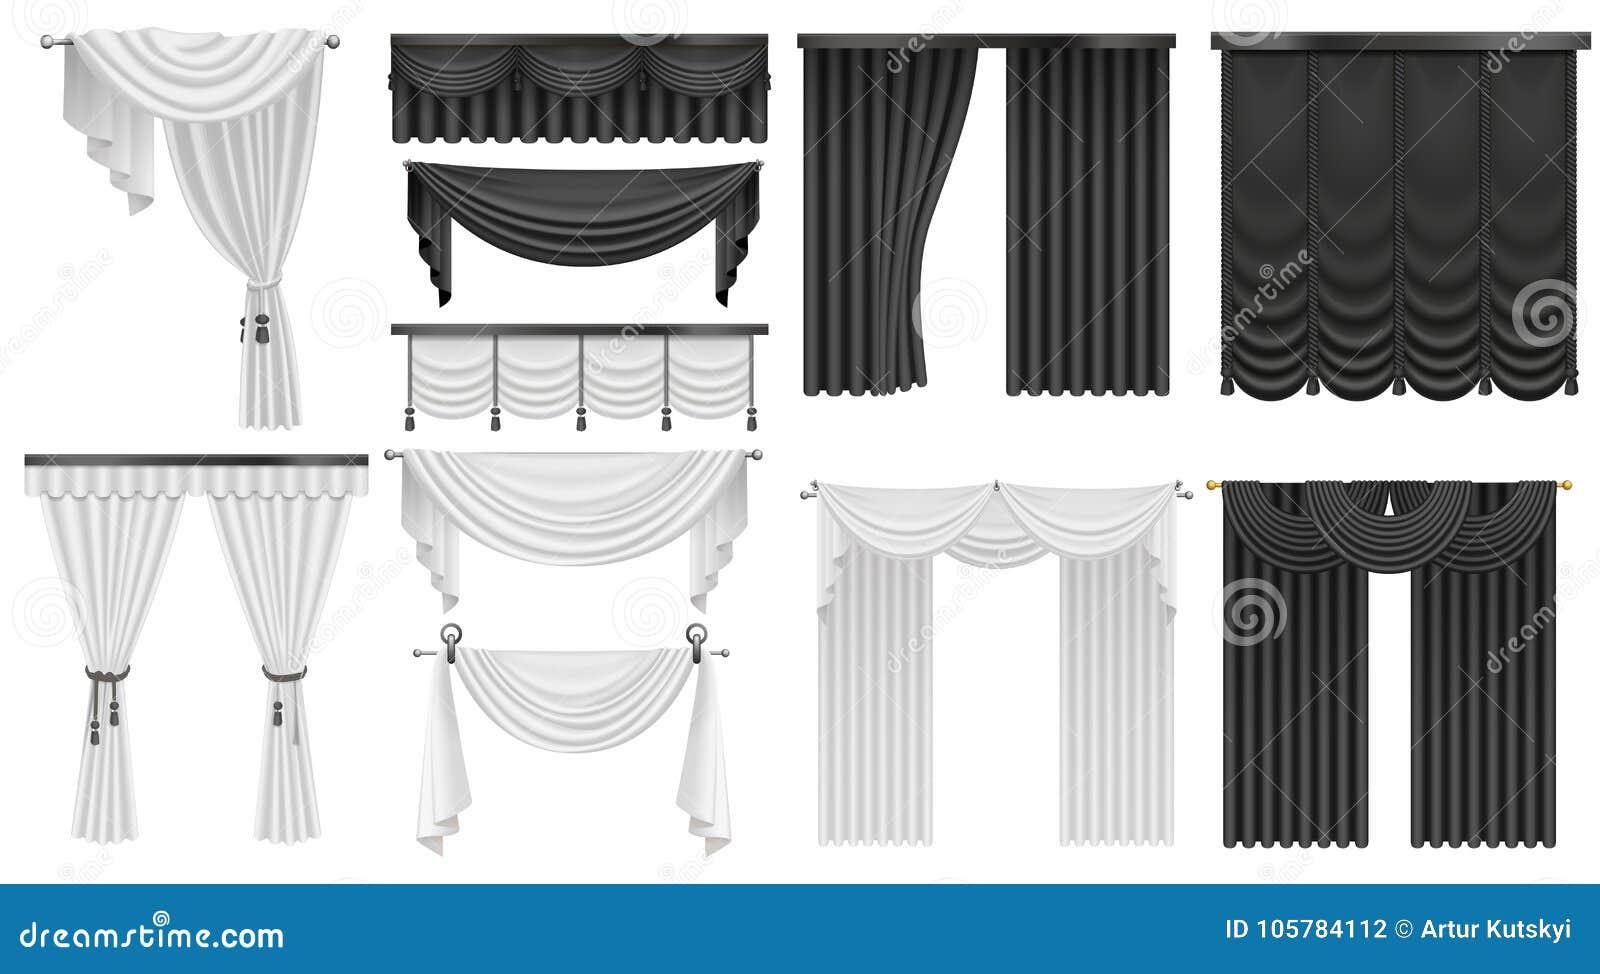 Rideaux en soie et rideaux en velours noir et blanc réglés Conception de luxe réaliste intérieure de décoration de rideaux